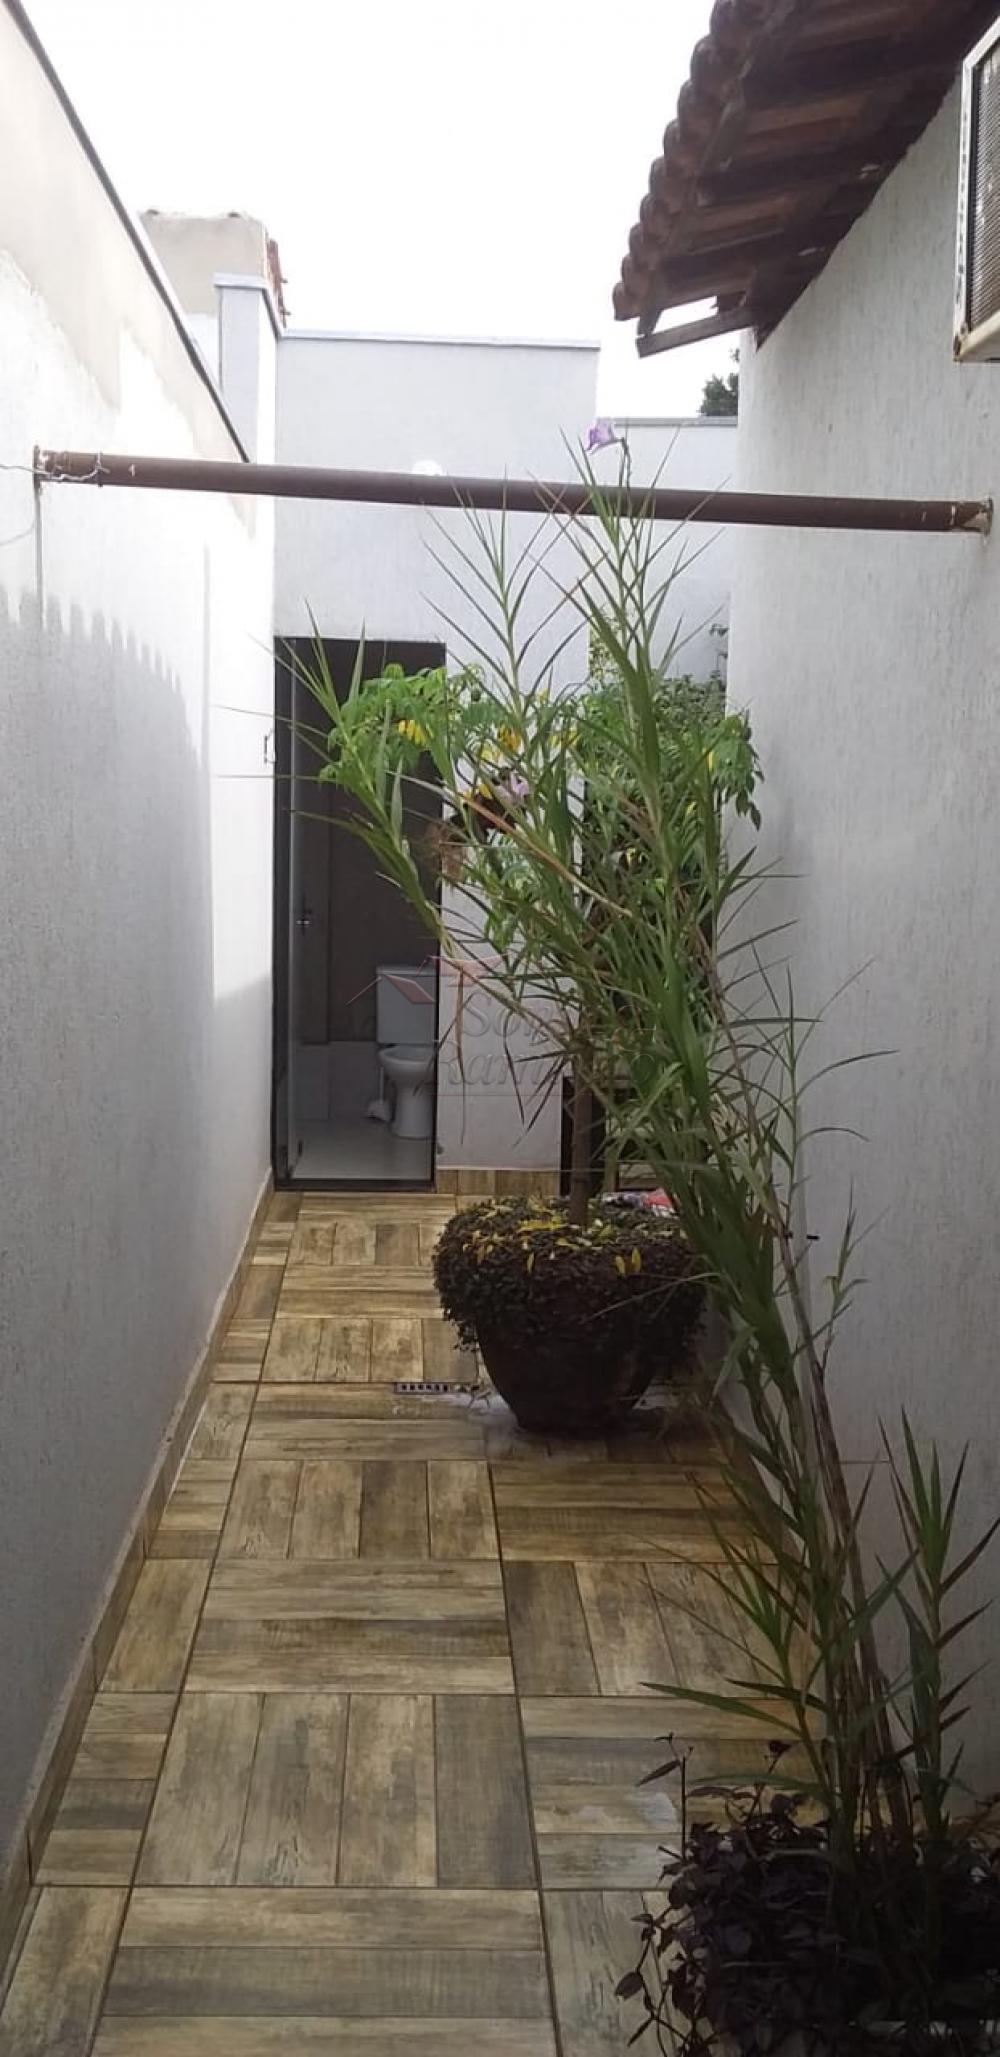 Comprar Casas / Padrão em Ribeirão Preto R$ 270.000,00 - Foto 8